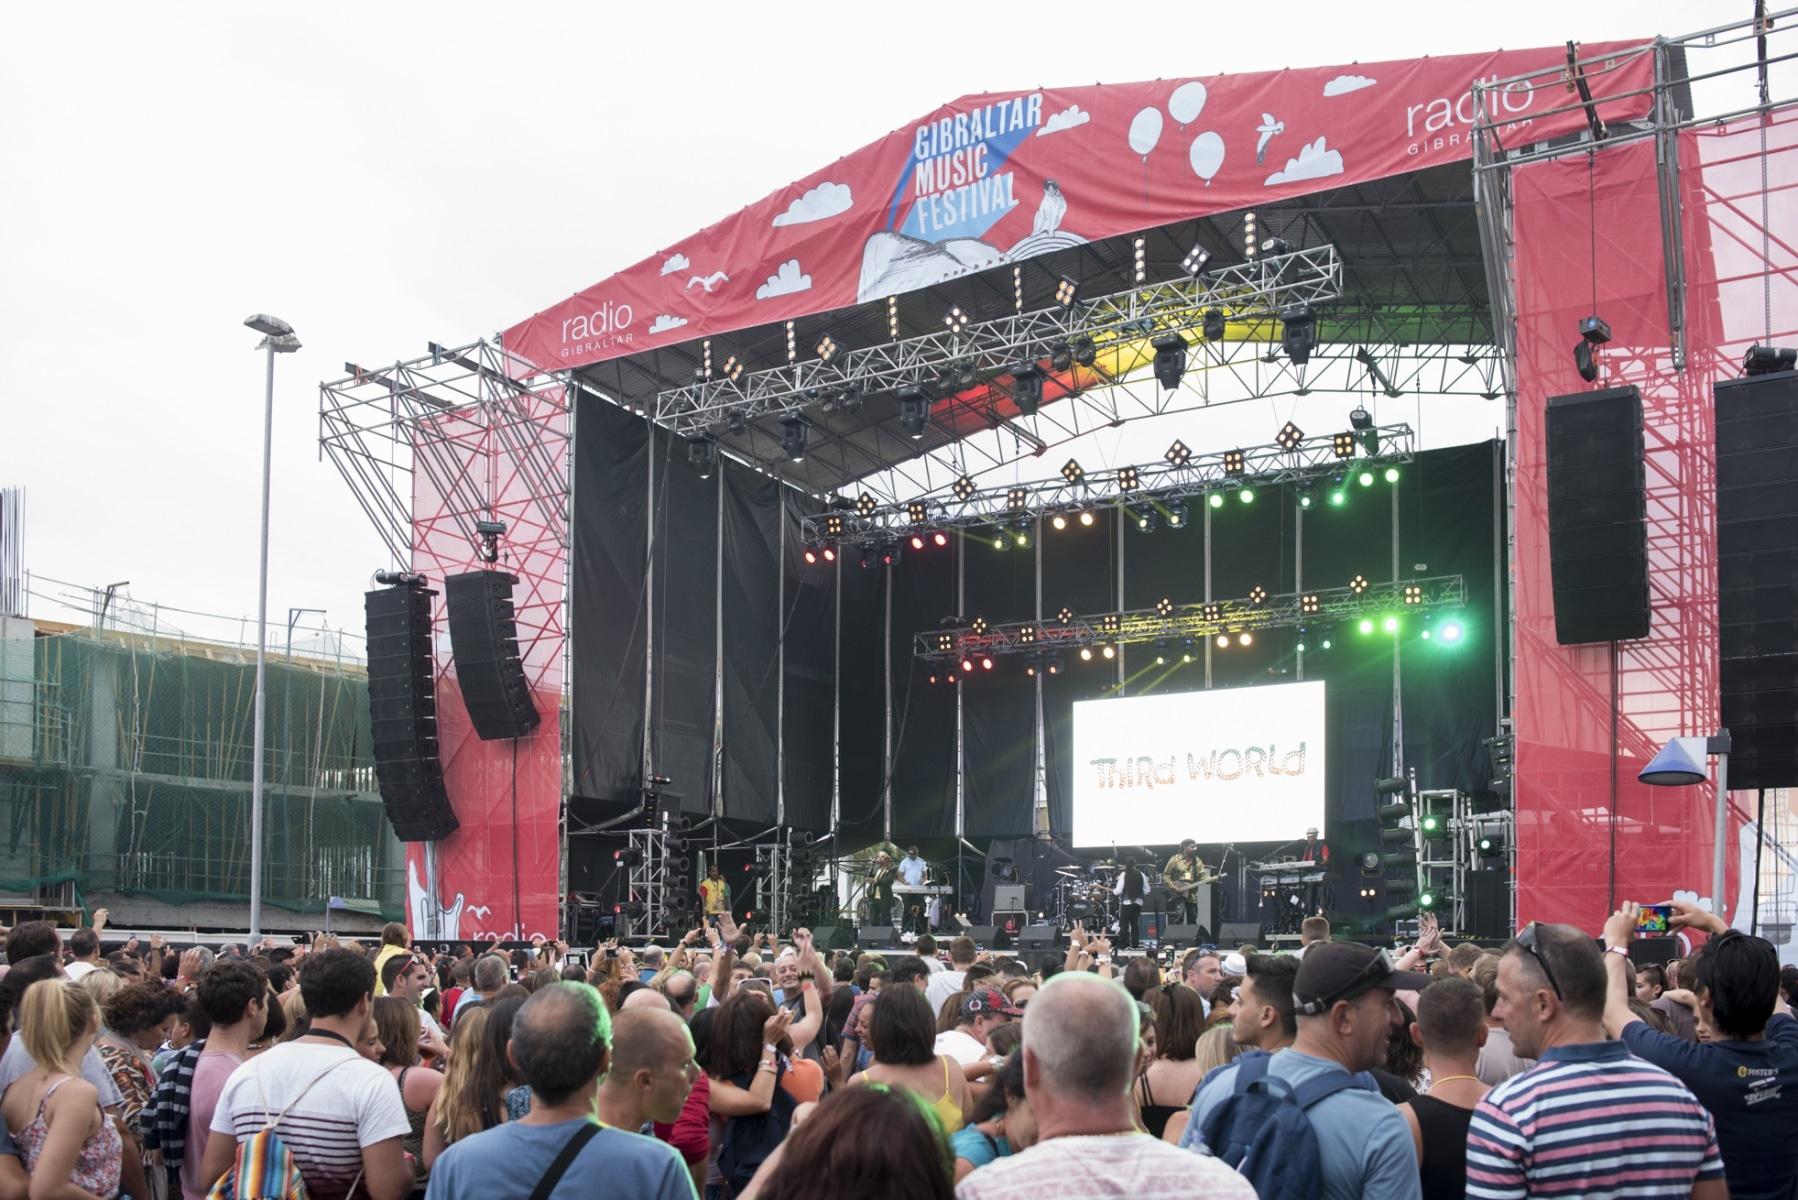 5-septiembre-2015-gibraltar-music-festival-2015-19_21161073106_o